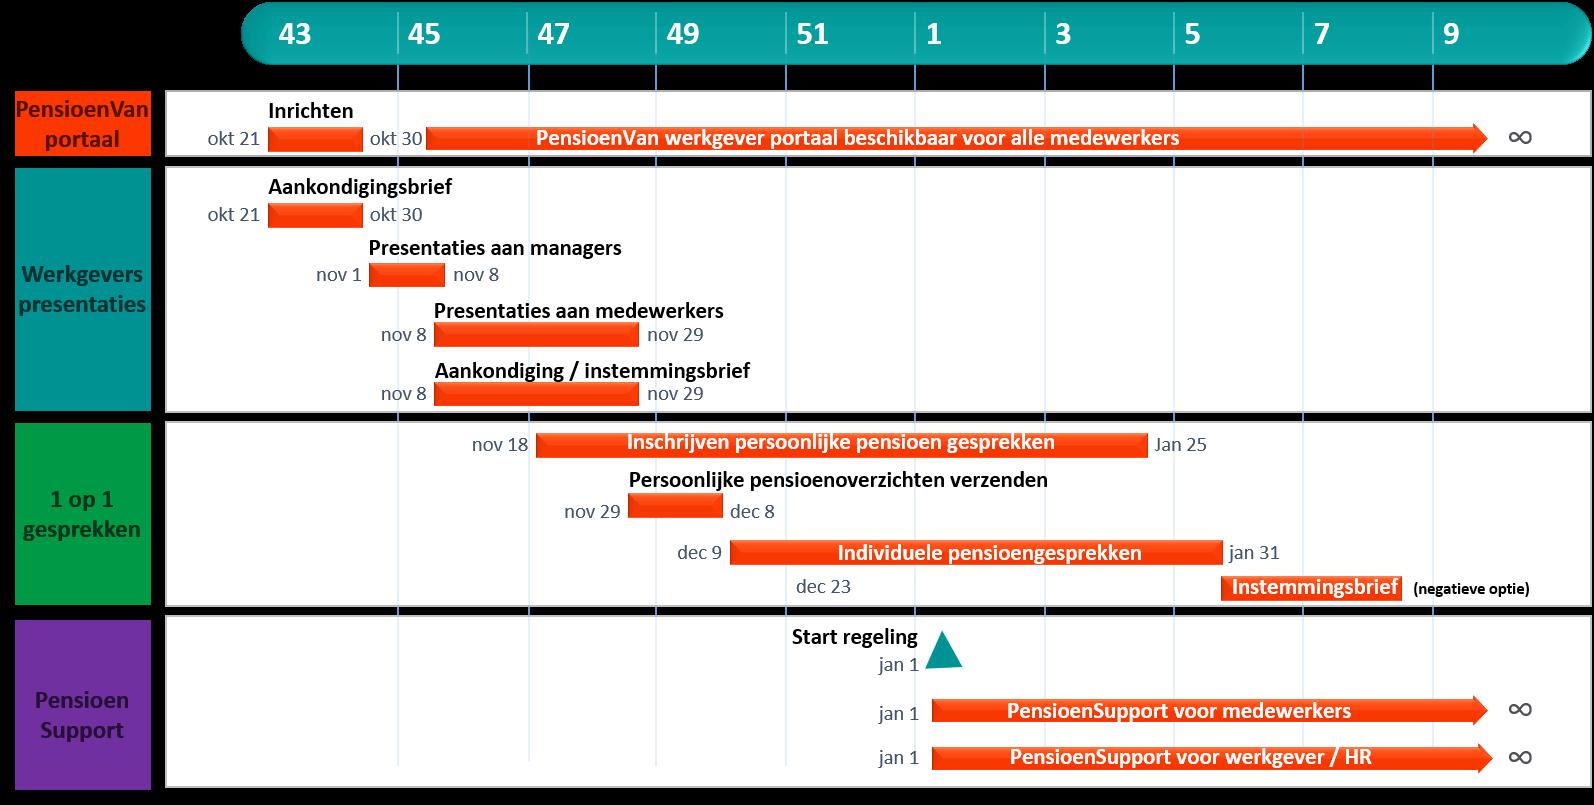 Voorbeeld planning pensioencommunicatie